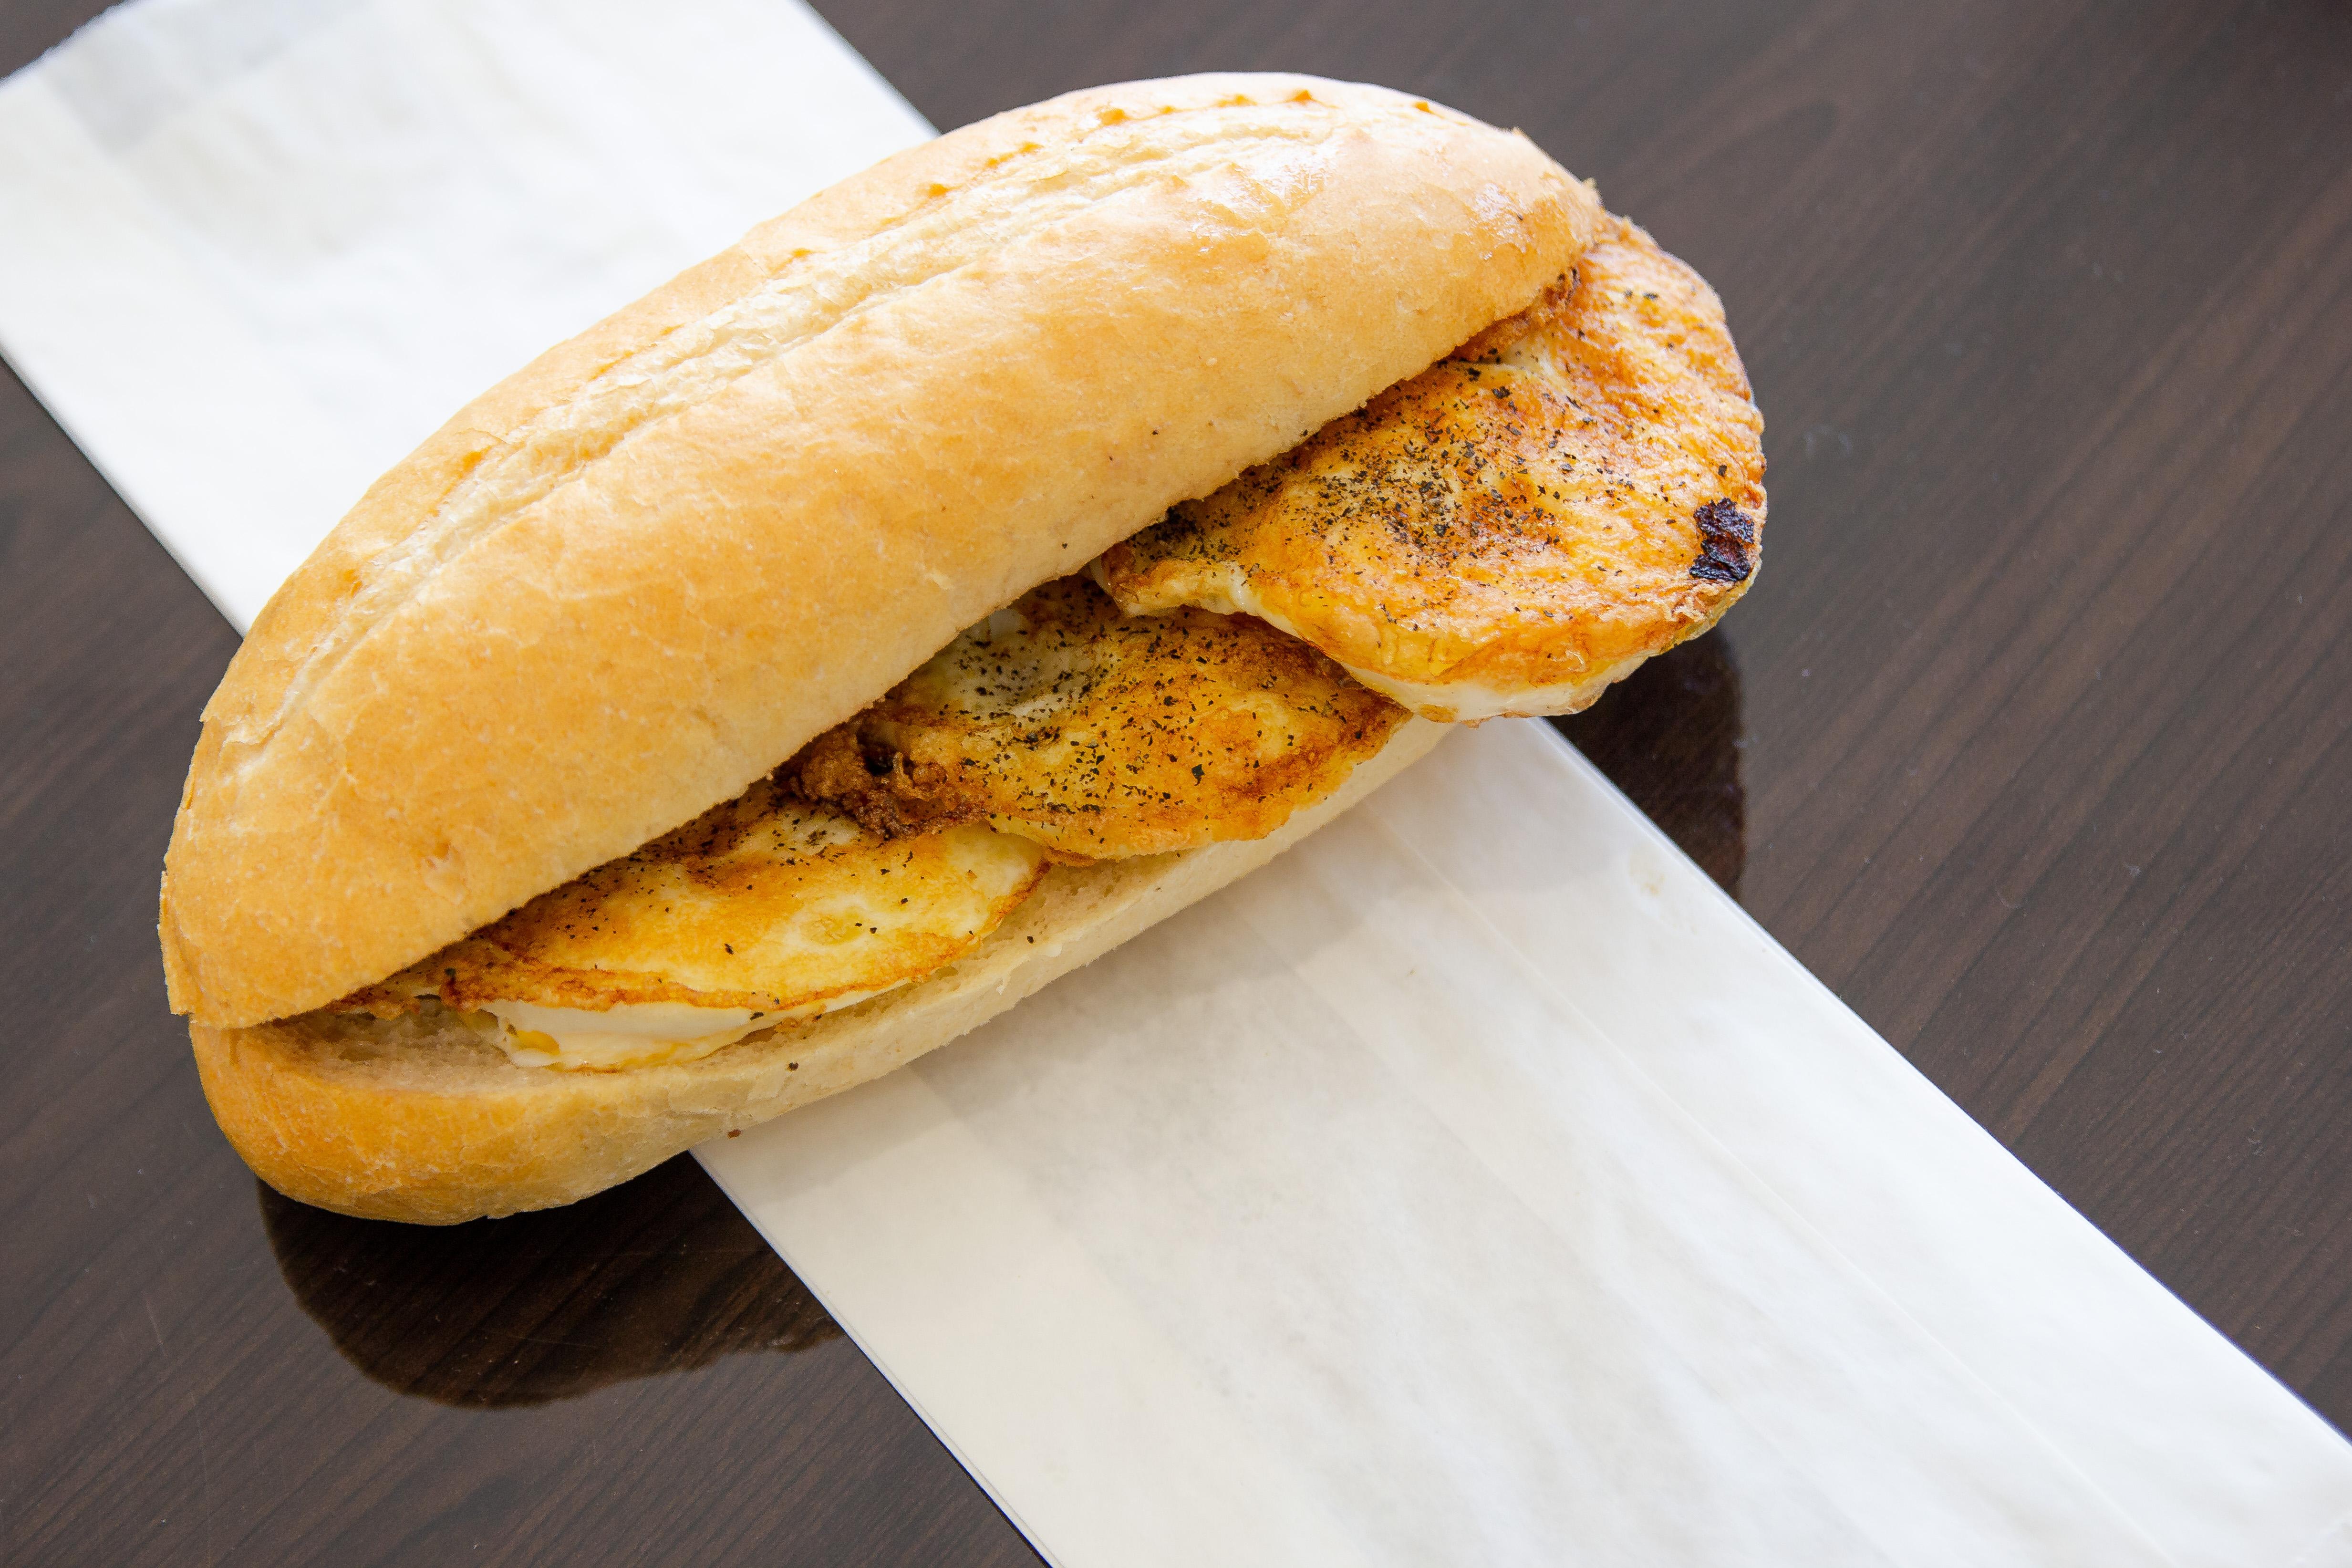 Fried Eggs Sandwich Image